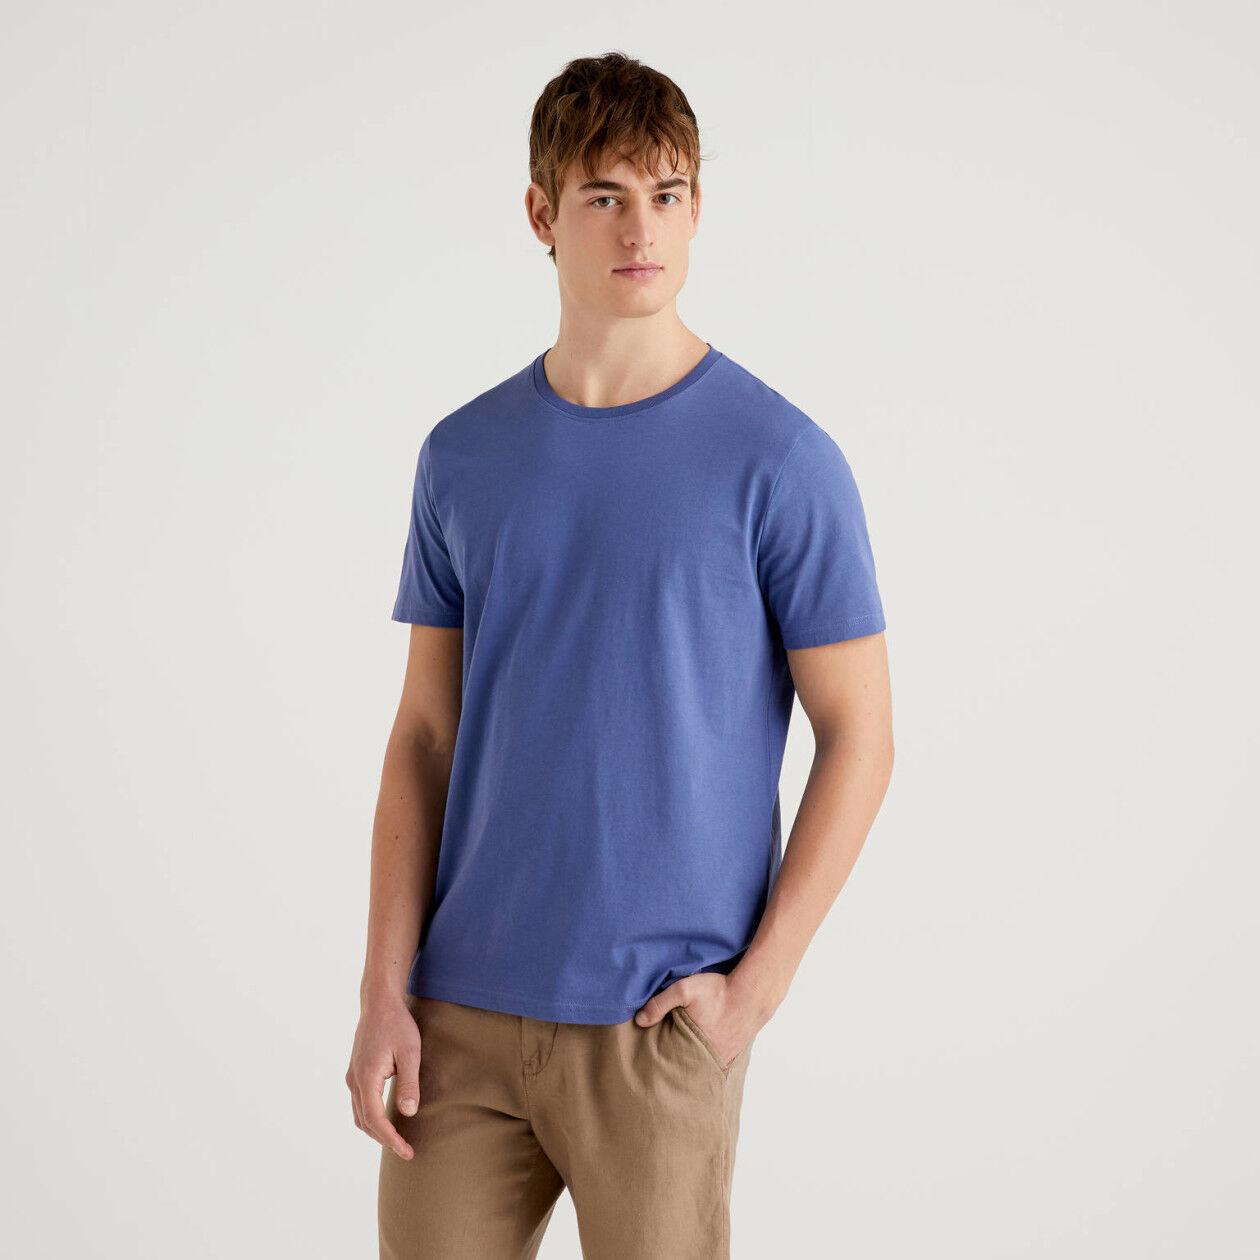 Pastellblaues T-Shirt aus reiner Baumwolle